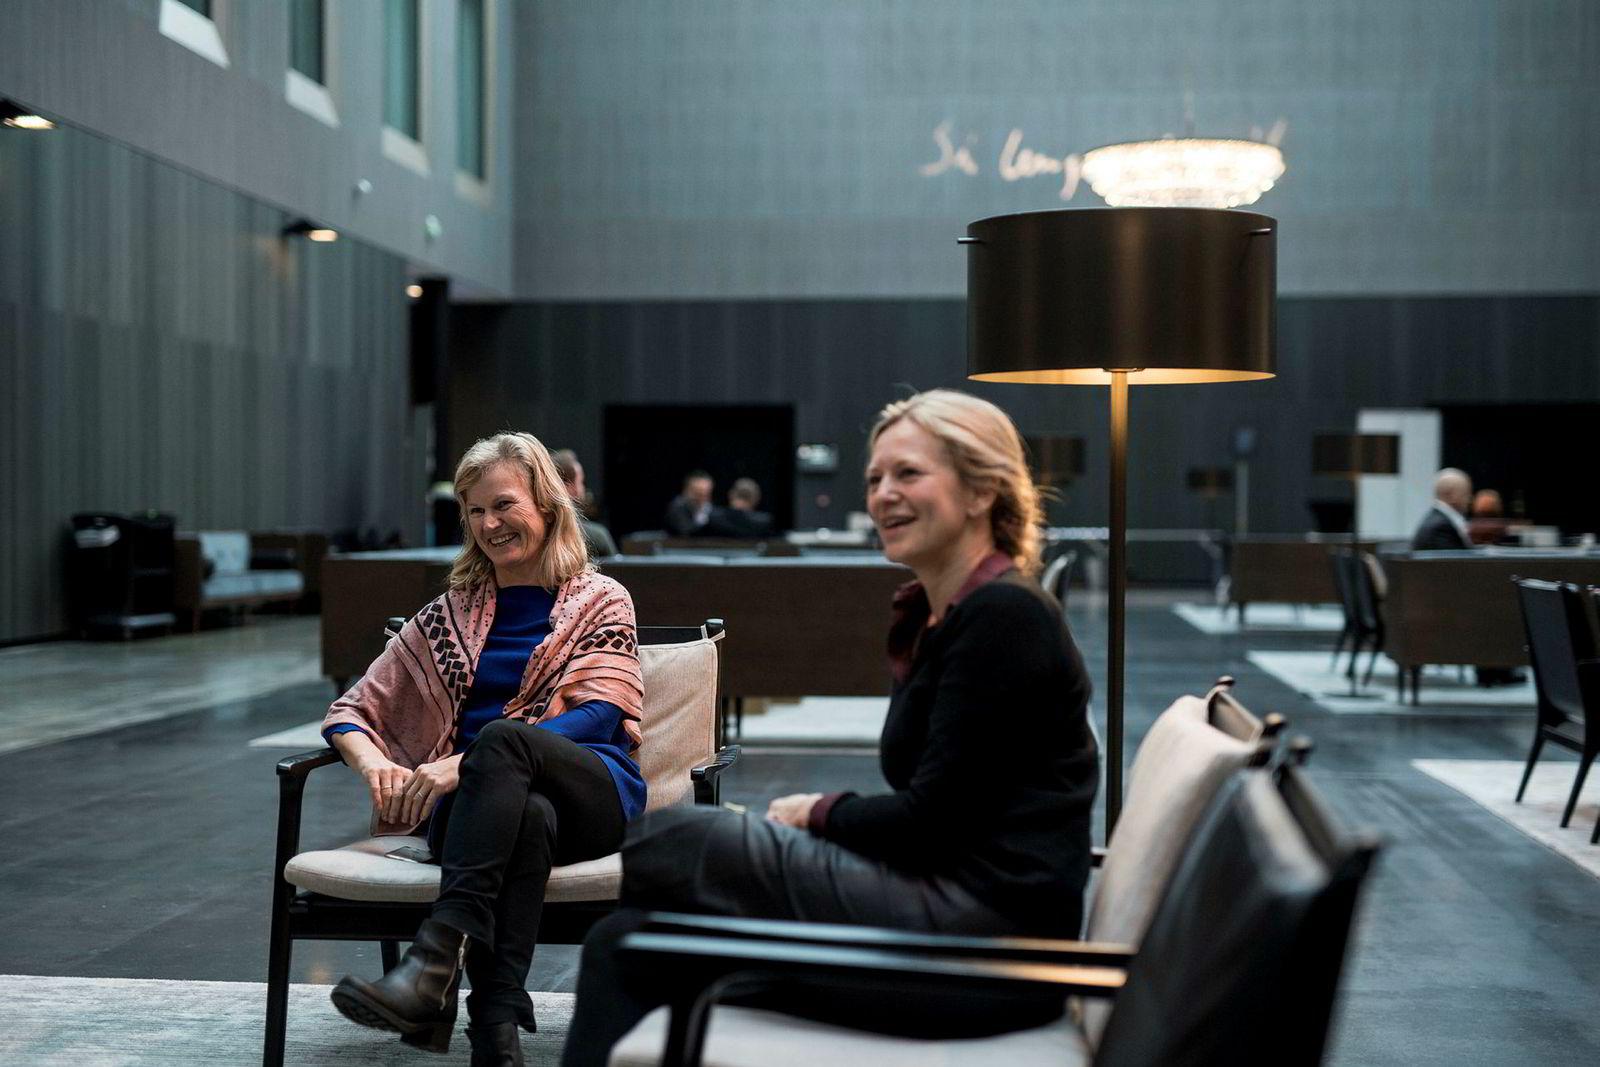 Kommunikasjonsdirektør i NHO Reiseliv, Merete Habberstad (til høyre) mener tiden er overmoden for et forbud mot nettreisegigantenes prisklausler. Til venstre administrerende direktør i NHO Reiseliv, Kristin Krohn Devold.